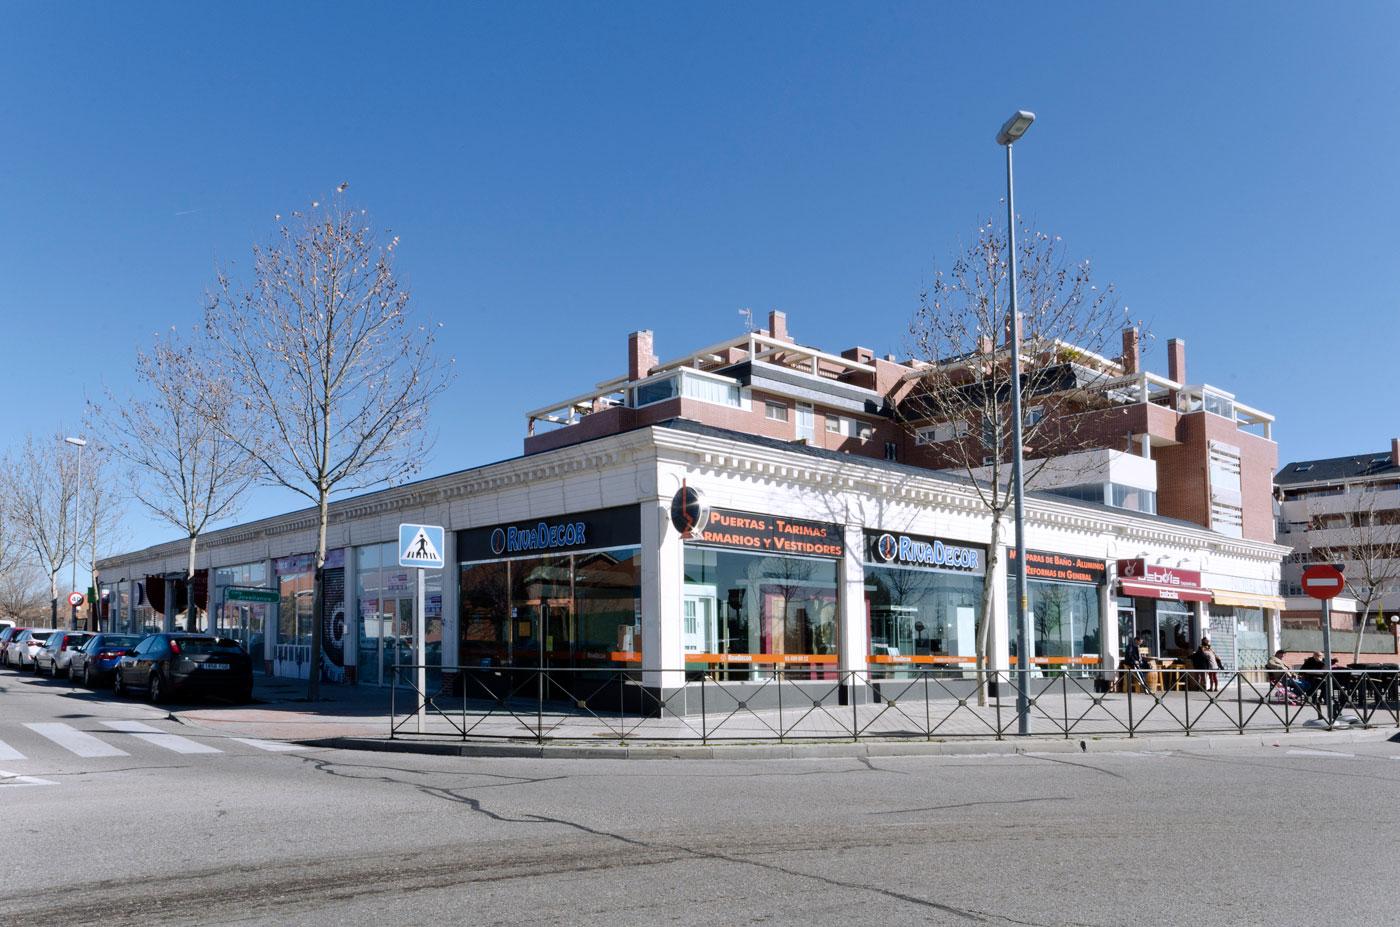 locales comerciales en Calle Jovellanos - Rivas Vaciamadrid